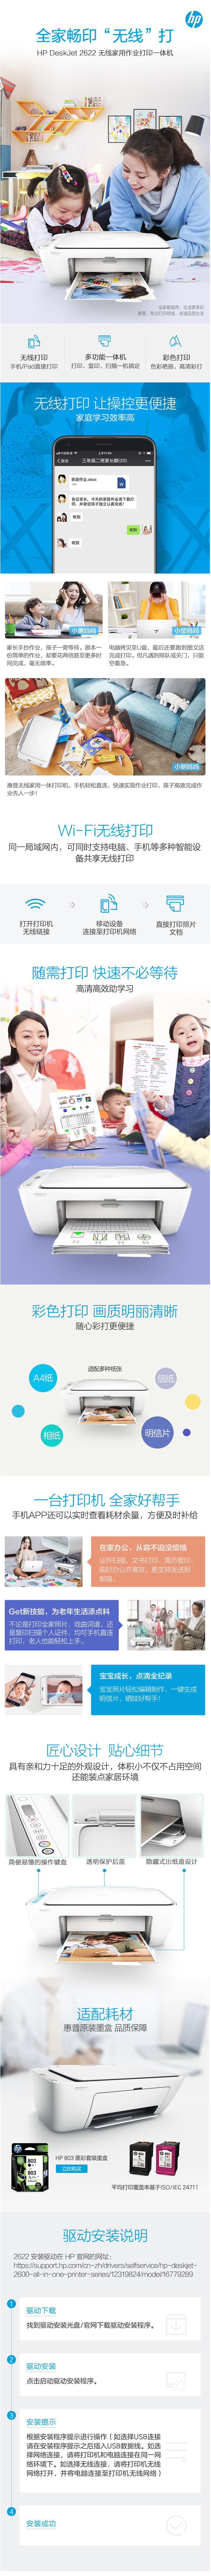 惠普(HP)DeskJet 2622 无线家用喷墨打印一体机 (学生作业手机彩色打印,扫描,复印,两年保修)